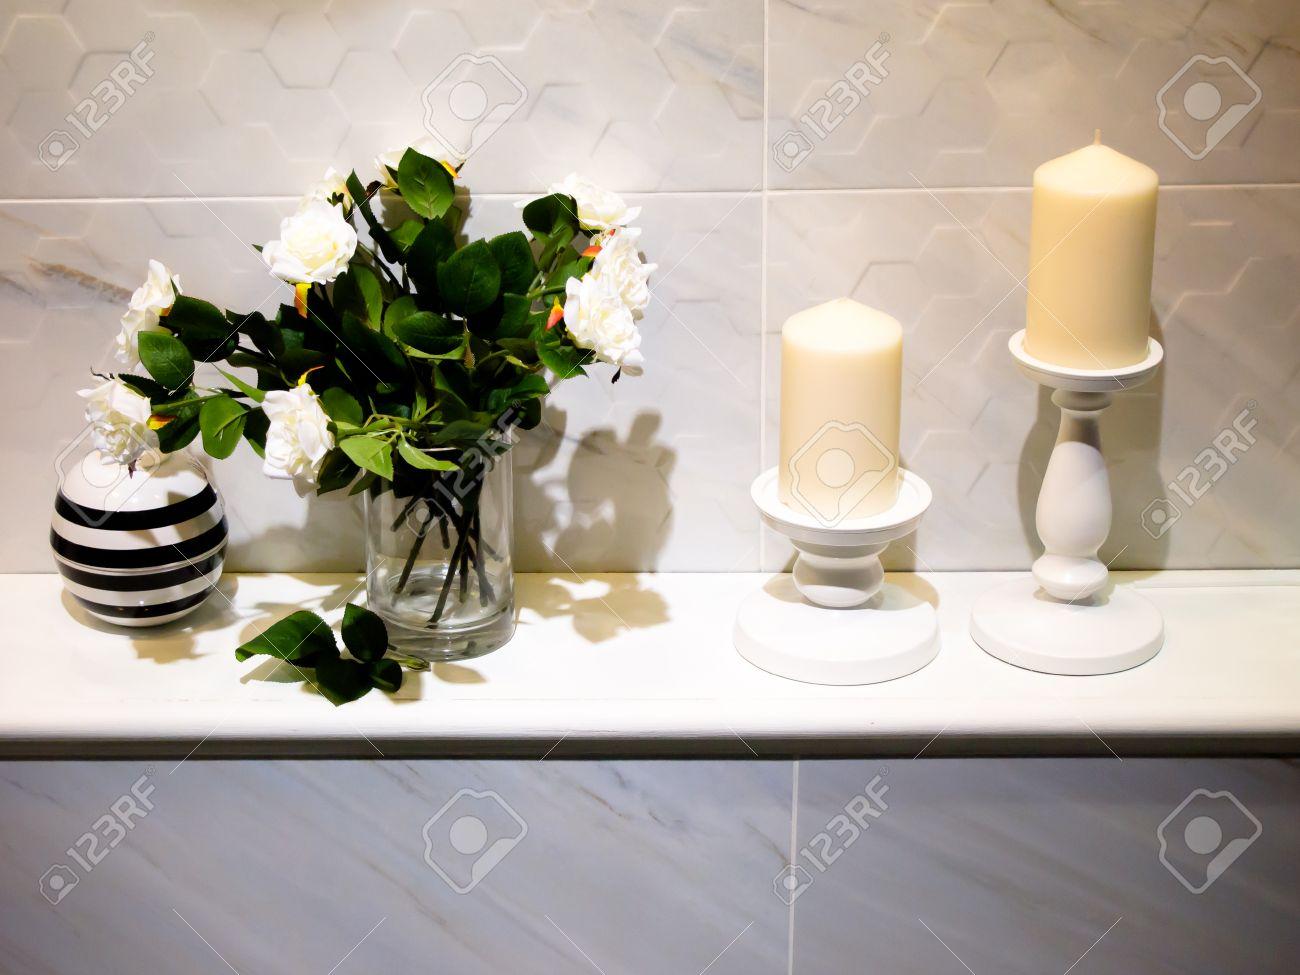 Modernes bad dekoration mit kerzen und rosenblüten lizenzfreie bilder 27981746